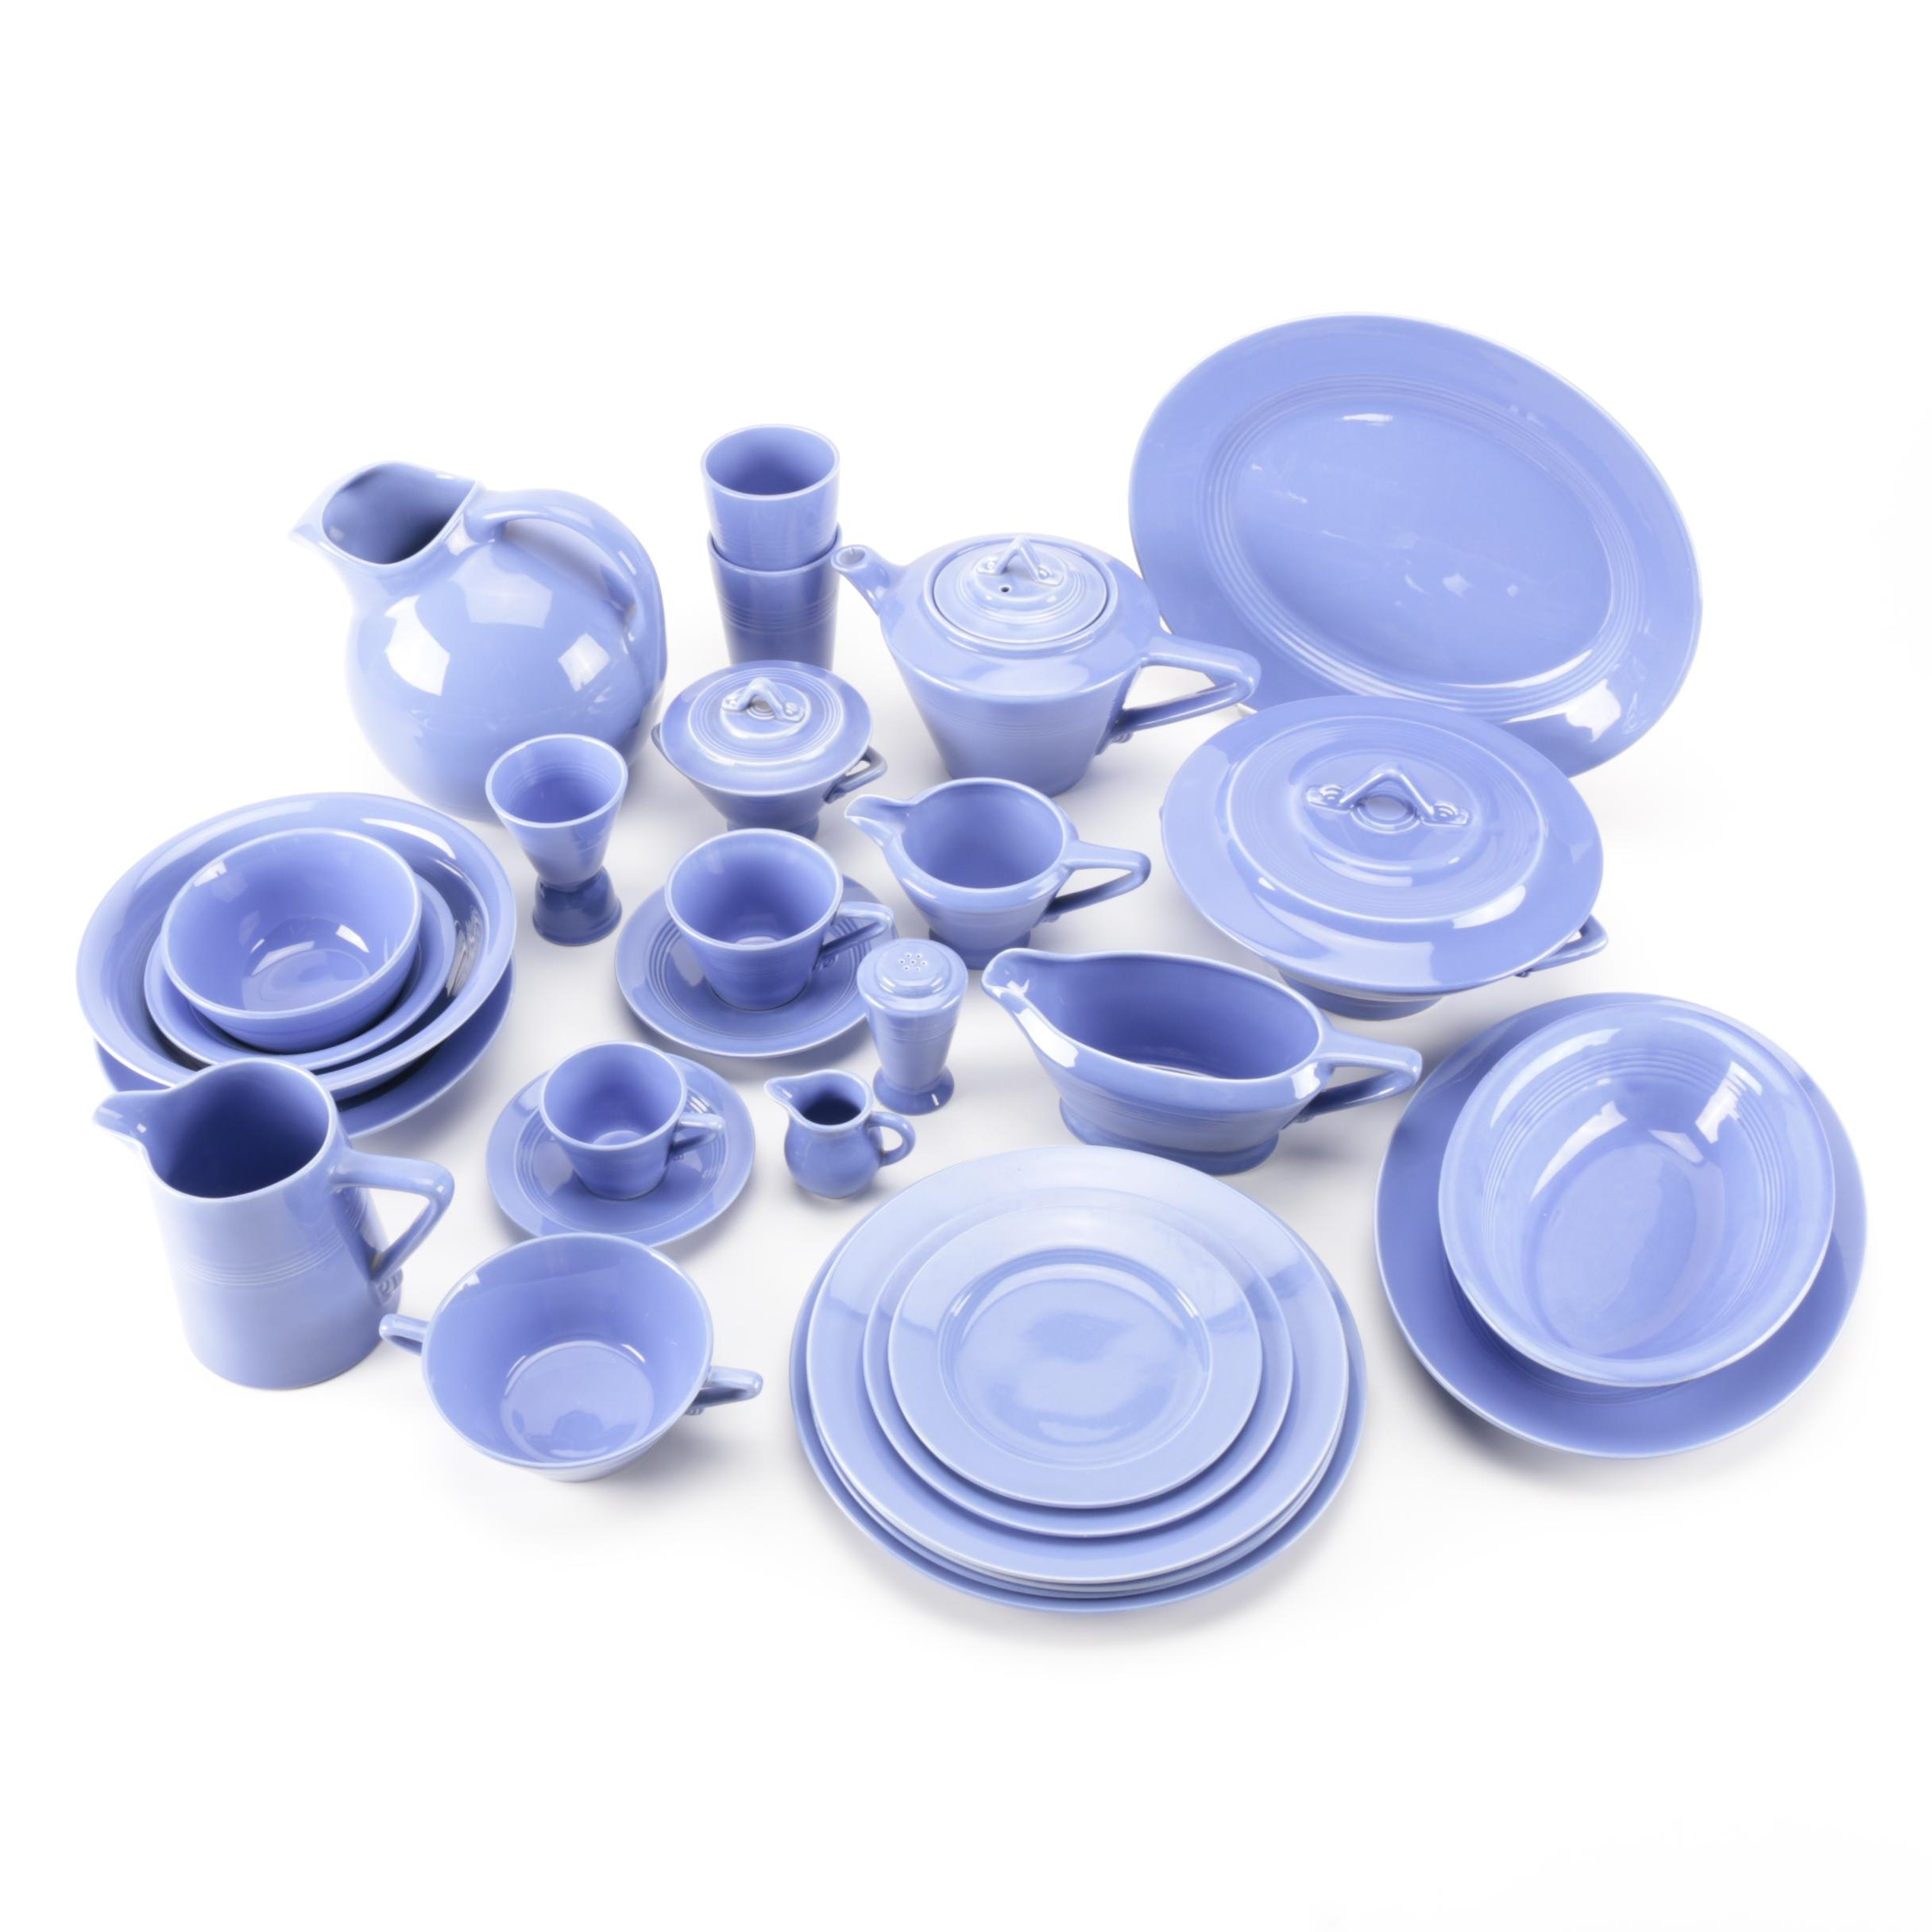 Vintage Harlequin Dinnerware in Blue